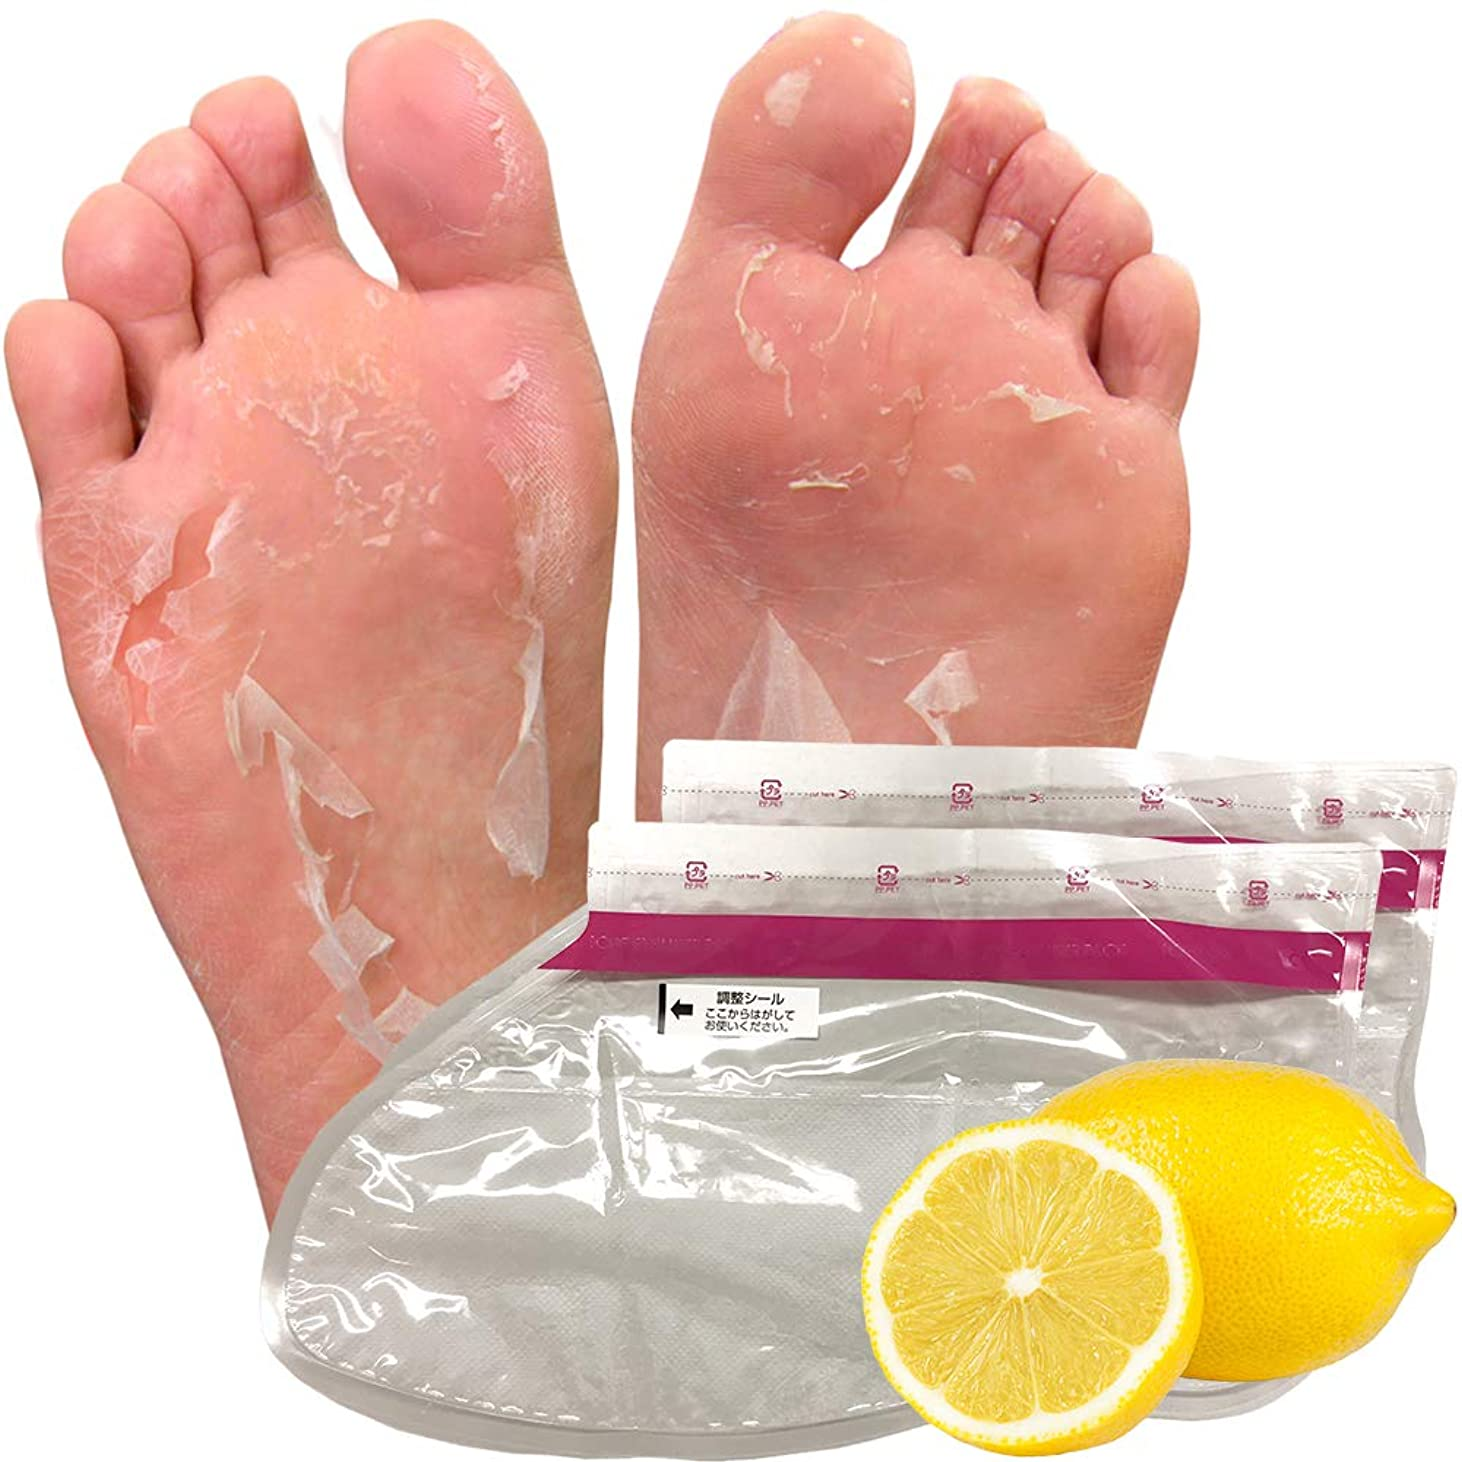 話をする見る人ぺディカブ【1回分】レモン フットピーリングパック ペロリン 去角质足 足膜 足の裏 足ぱっく